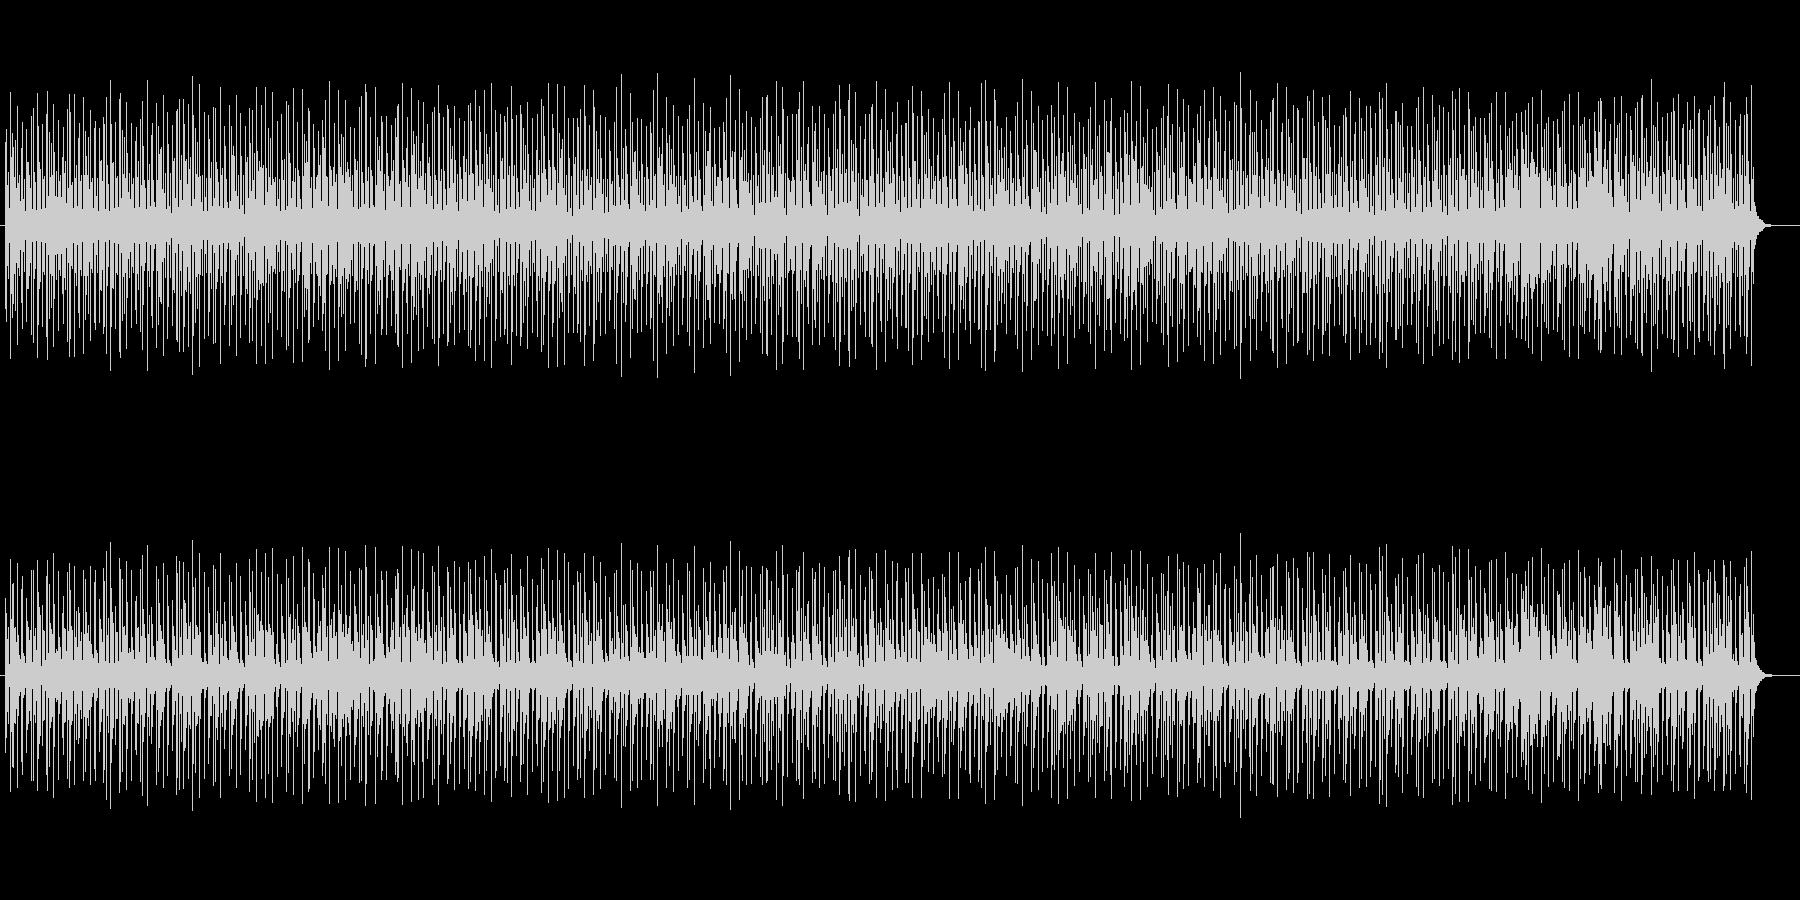 不思議な浮遊感のあるアンビエントな曲の未再生の波形